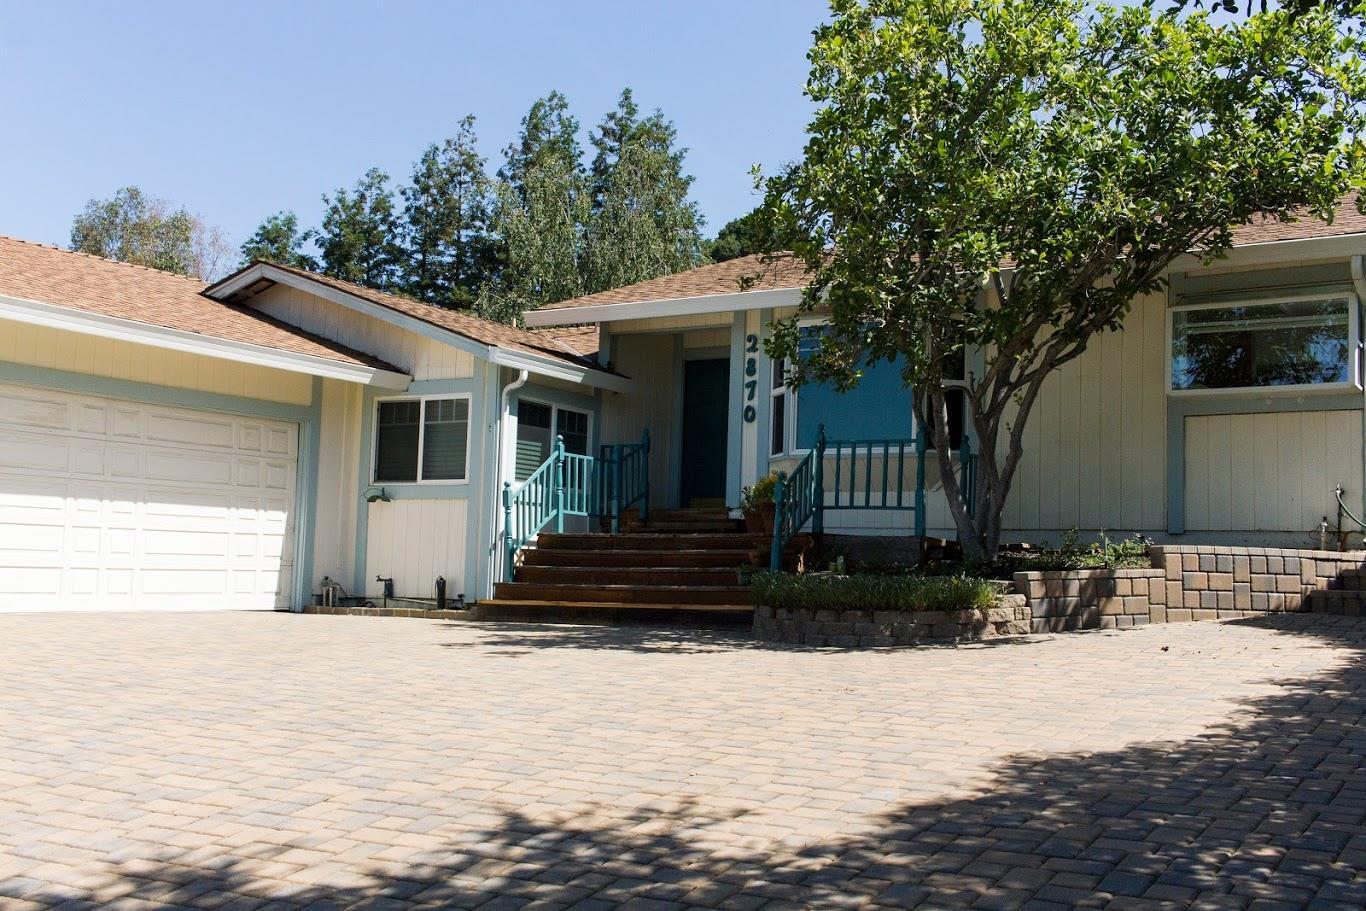 2870 Hay Loft WAY, Morgan Hill in Santa Clara County, CA 95037 Home for Sale